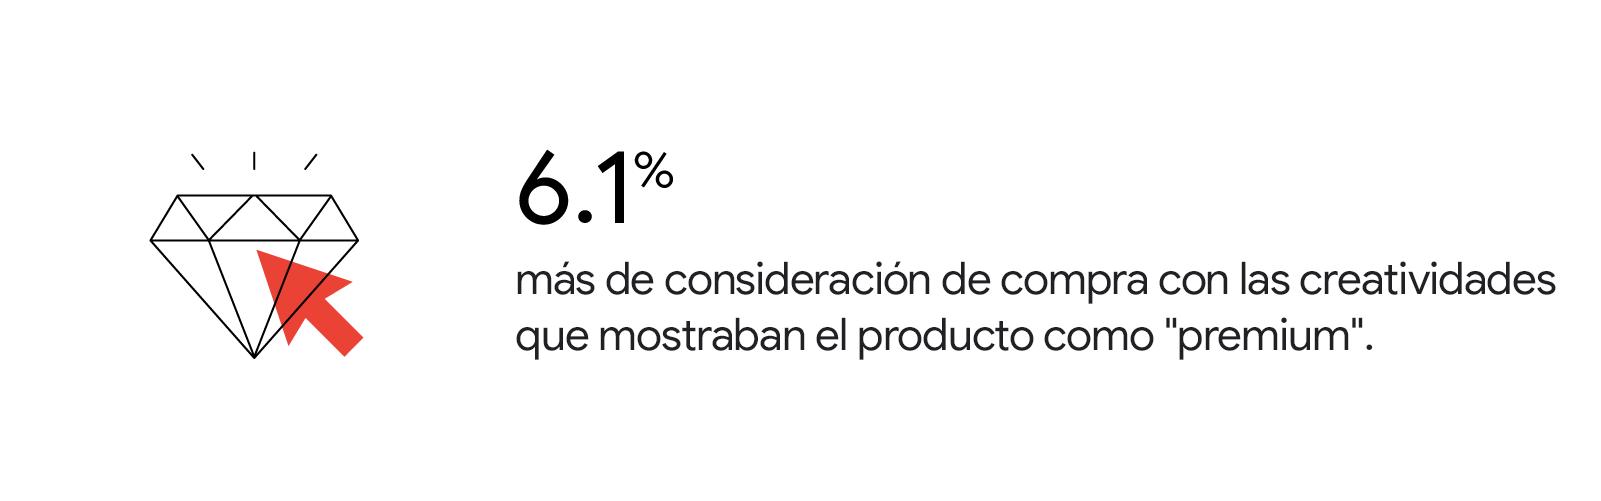 """6,1 % más de consideración de compra con las creatividades que mostraban el producto como """"premium""""."""